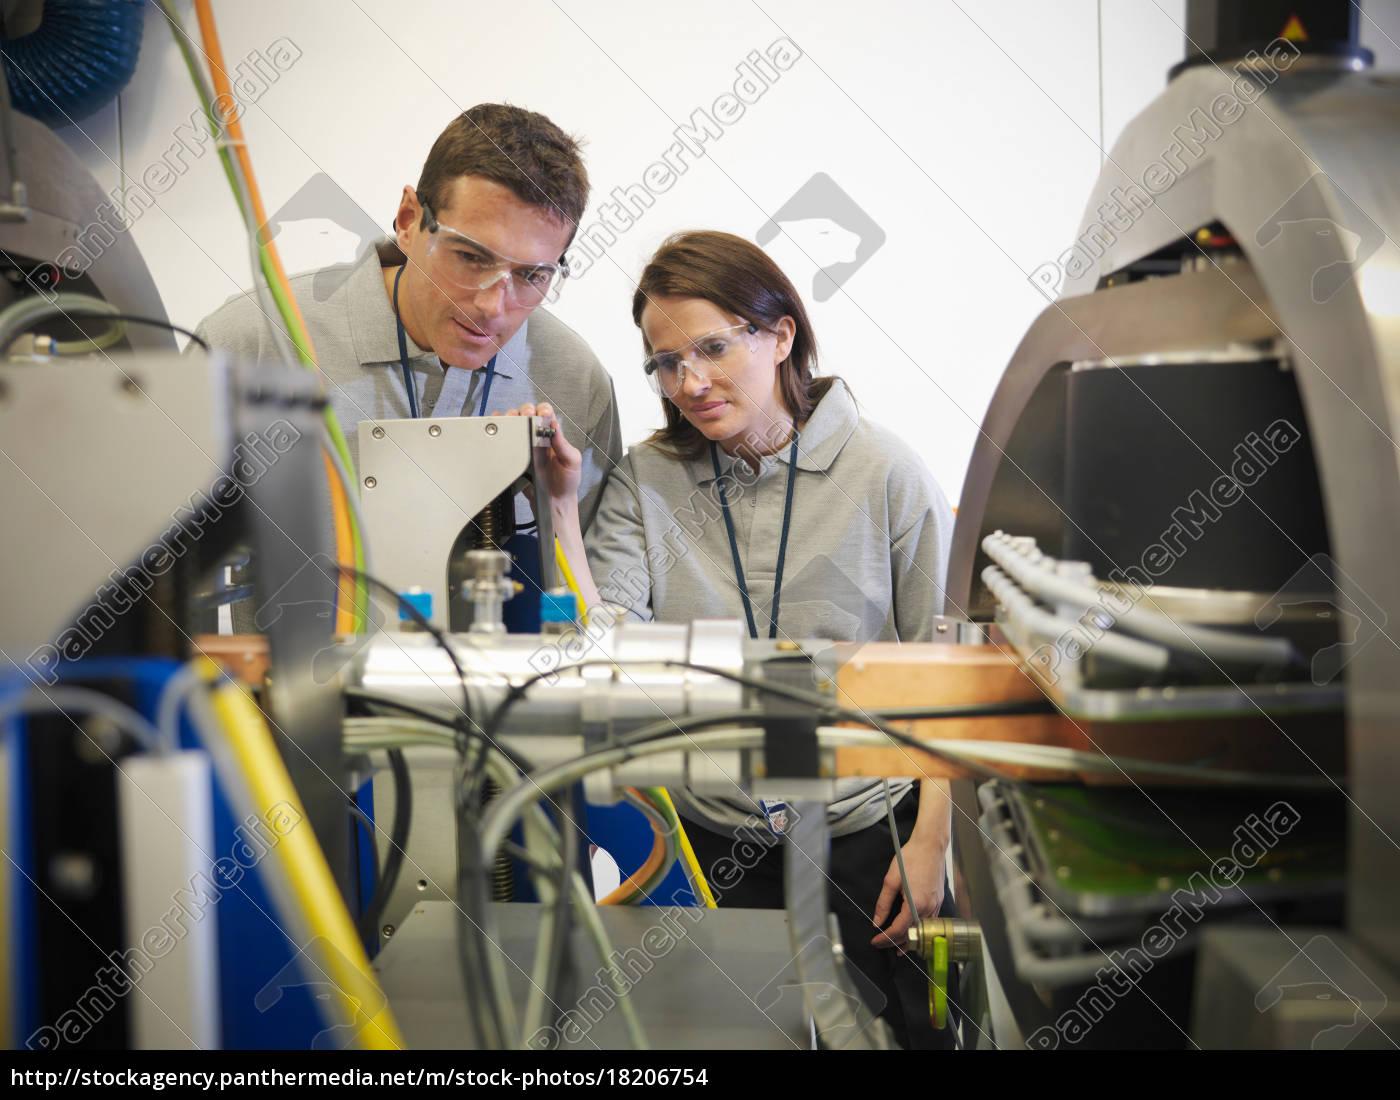 wissenschaftler, arbeiten, aus, nächster, nähe, mit - 18206754